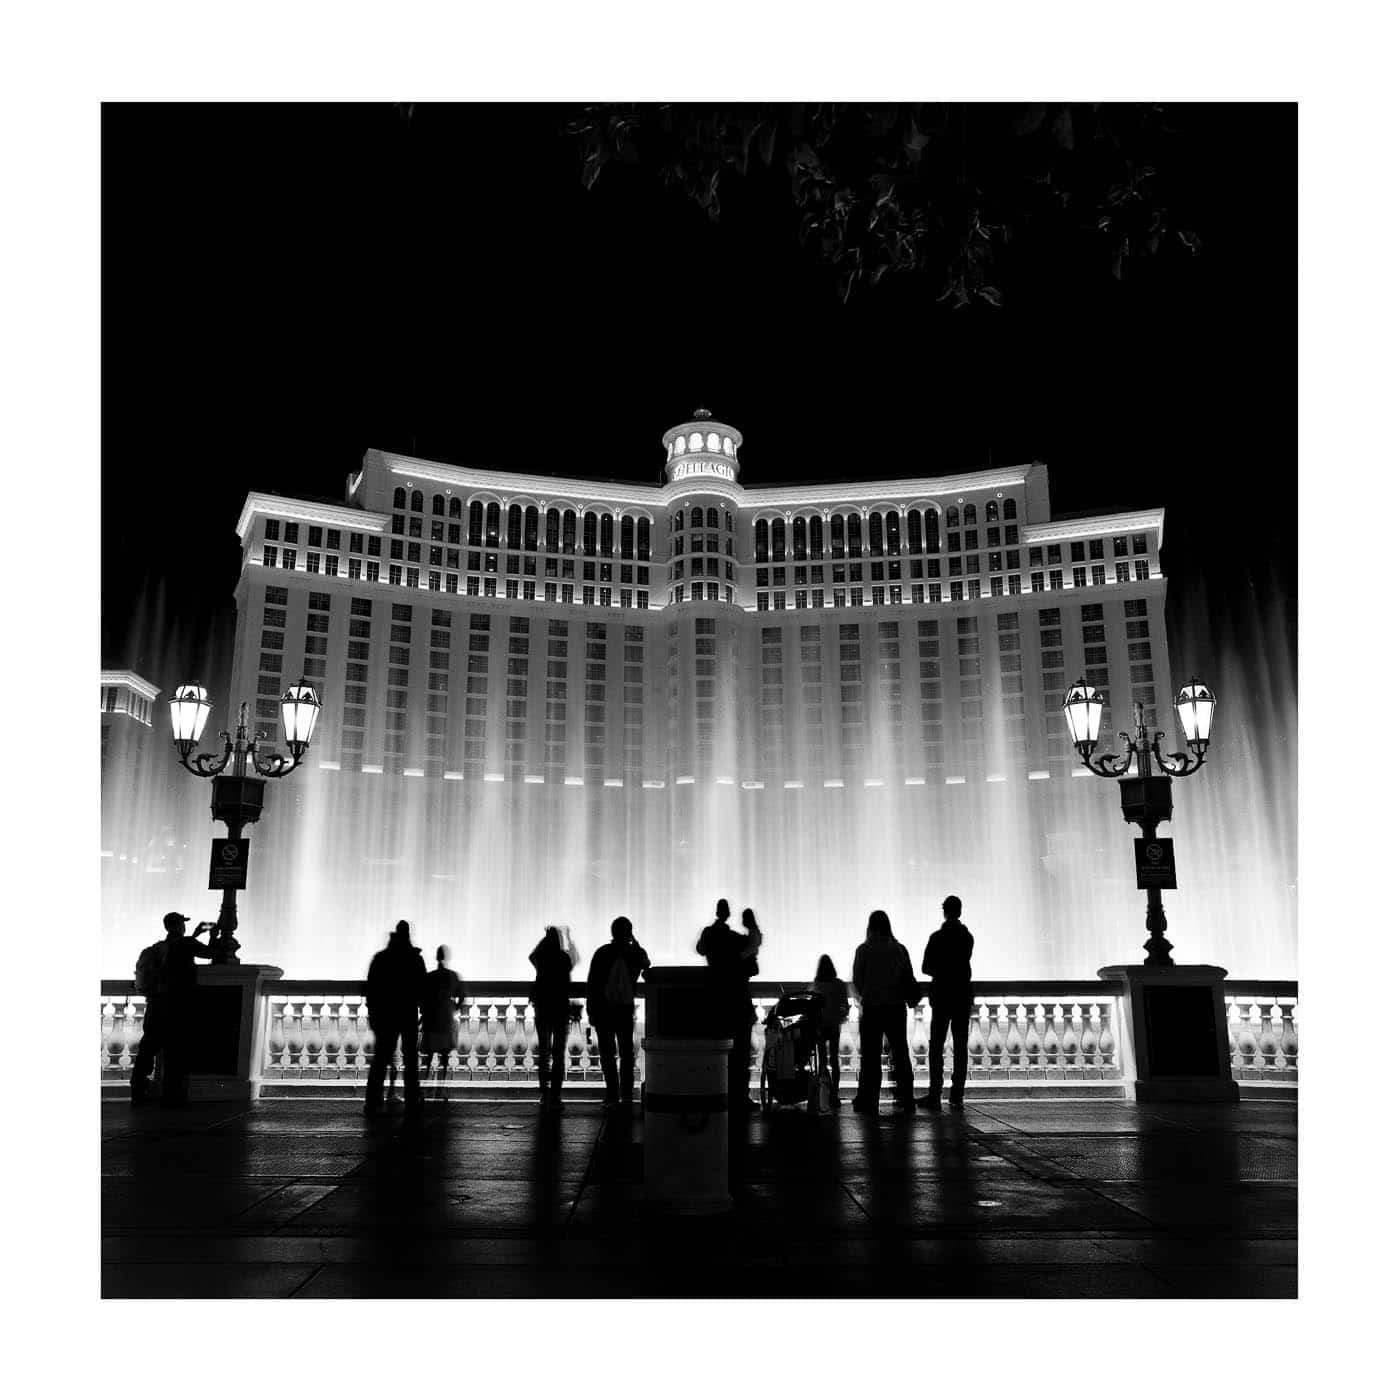 Las Vegas Light Show at the Bellagio